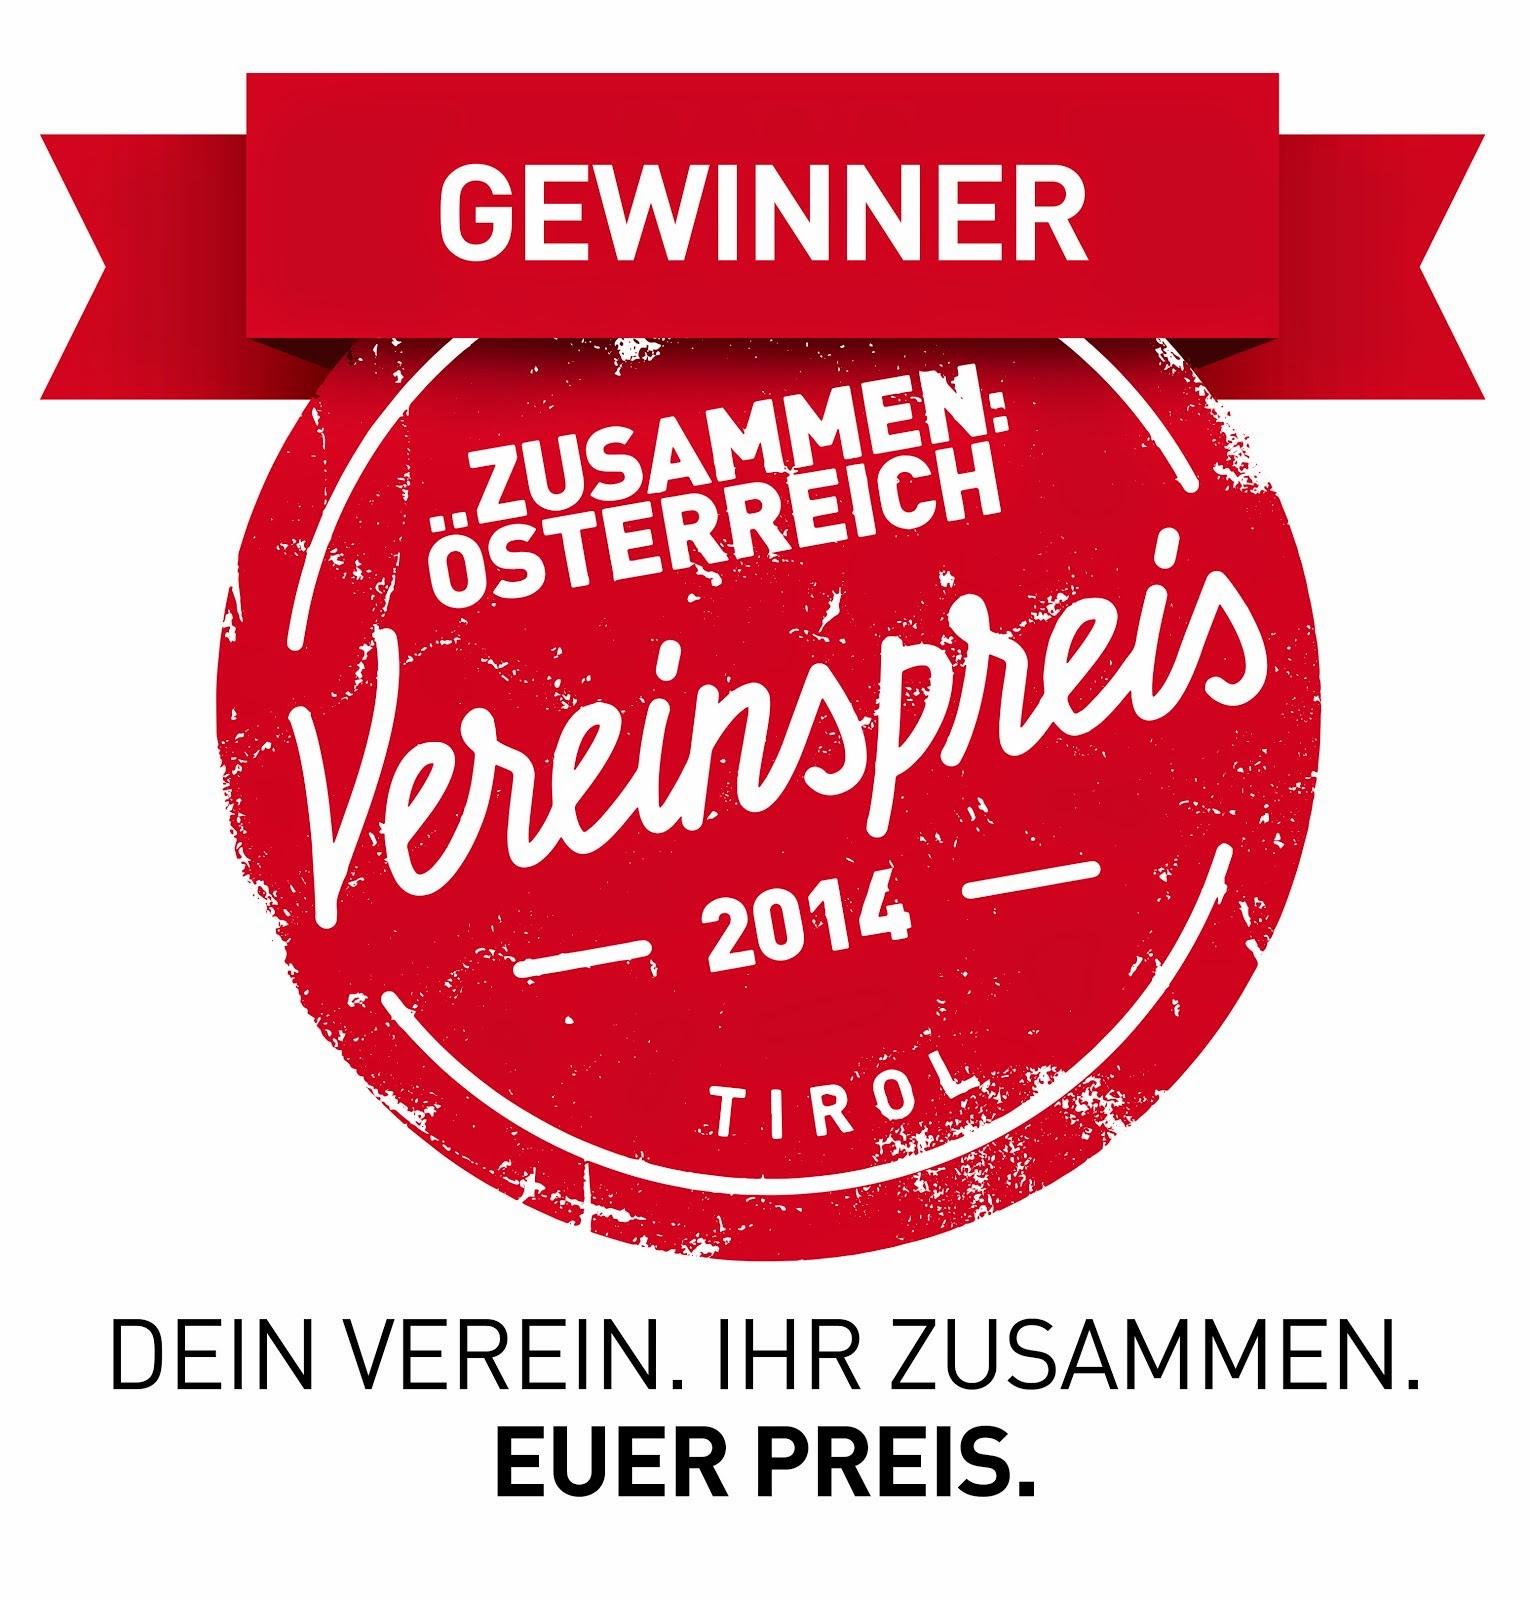 Vereinspreis 2014